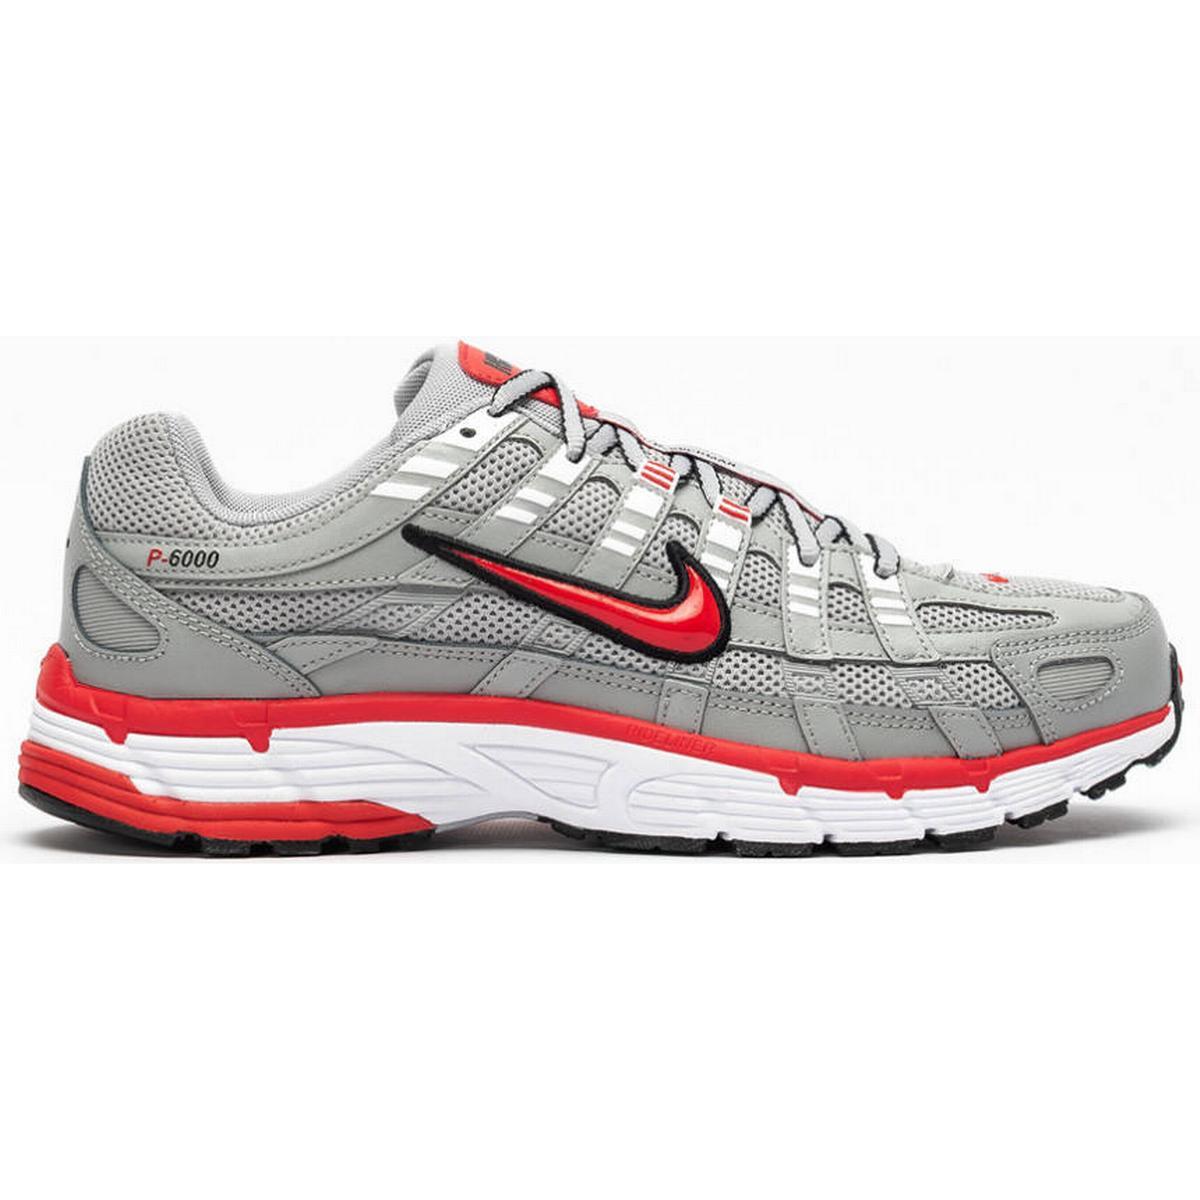 Nike football Sko Sammenlign priser hos PriceRunner